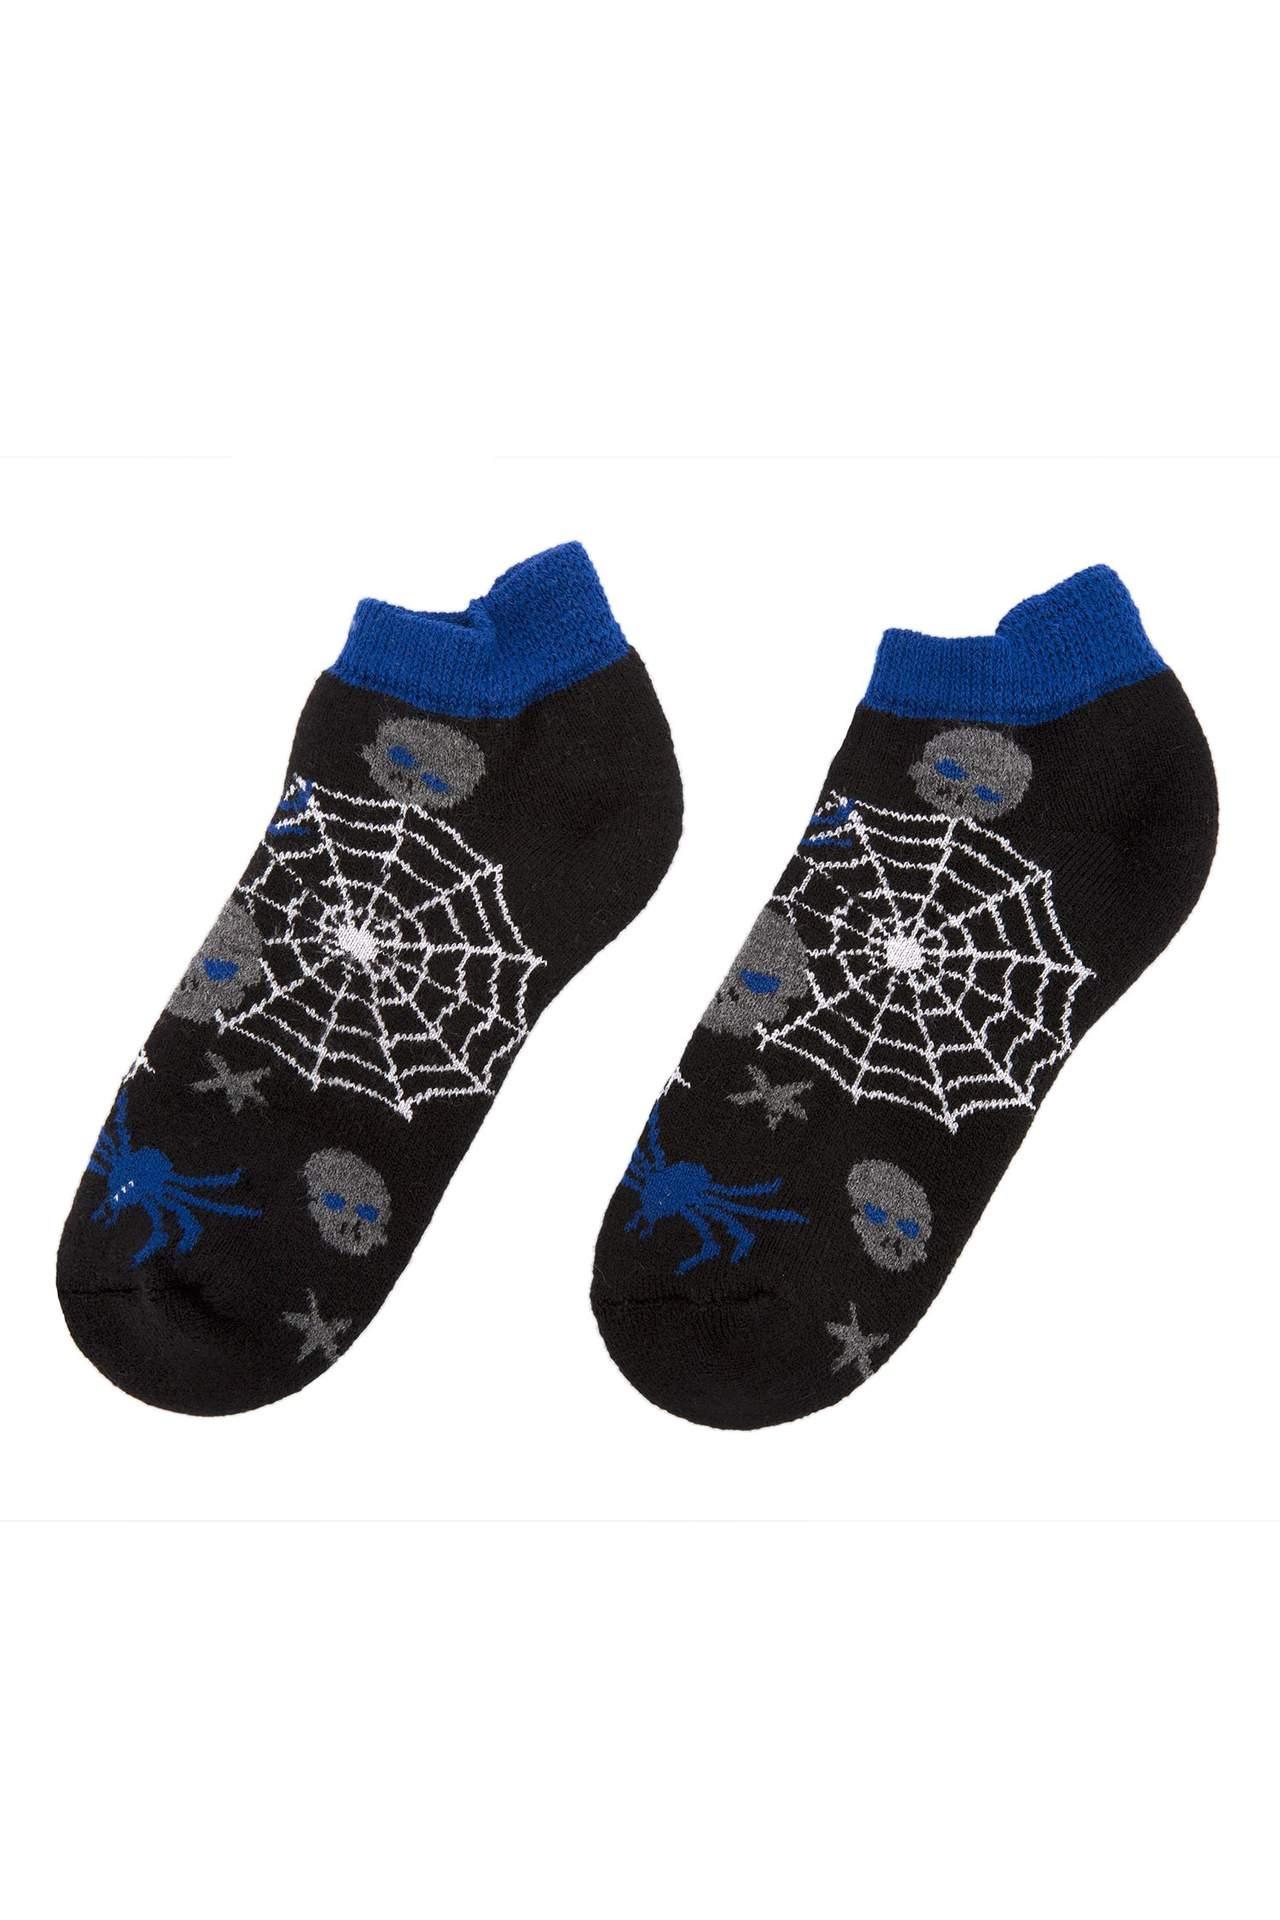 DeFacto Erkek Çocuk Termal Çorap Siyah male